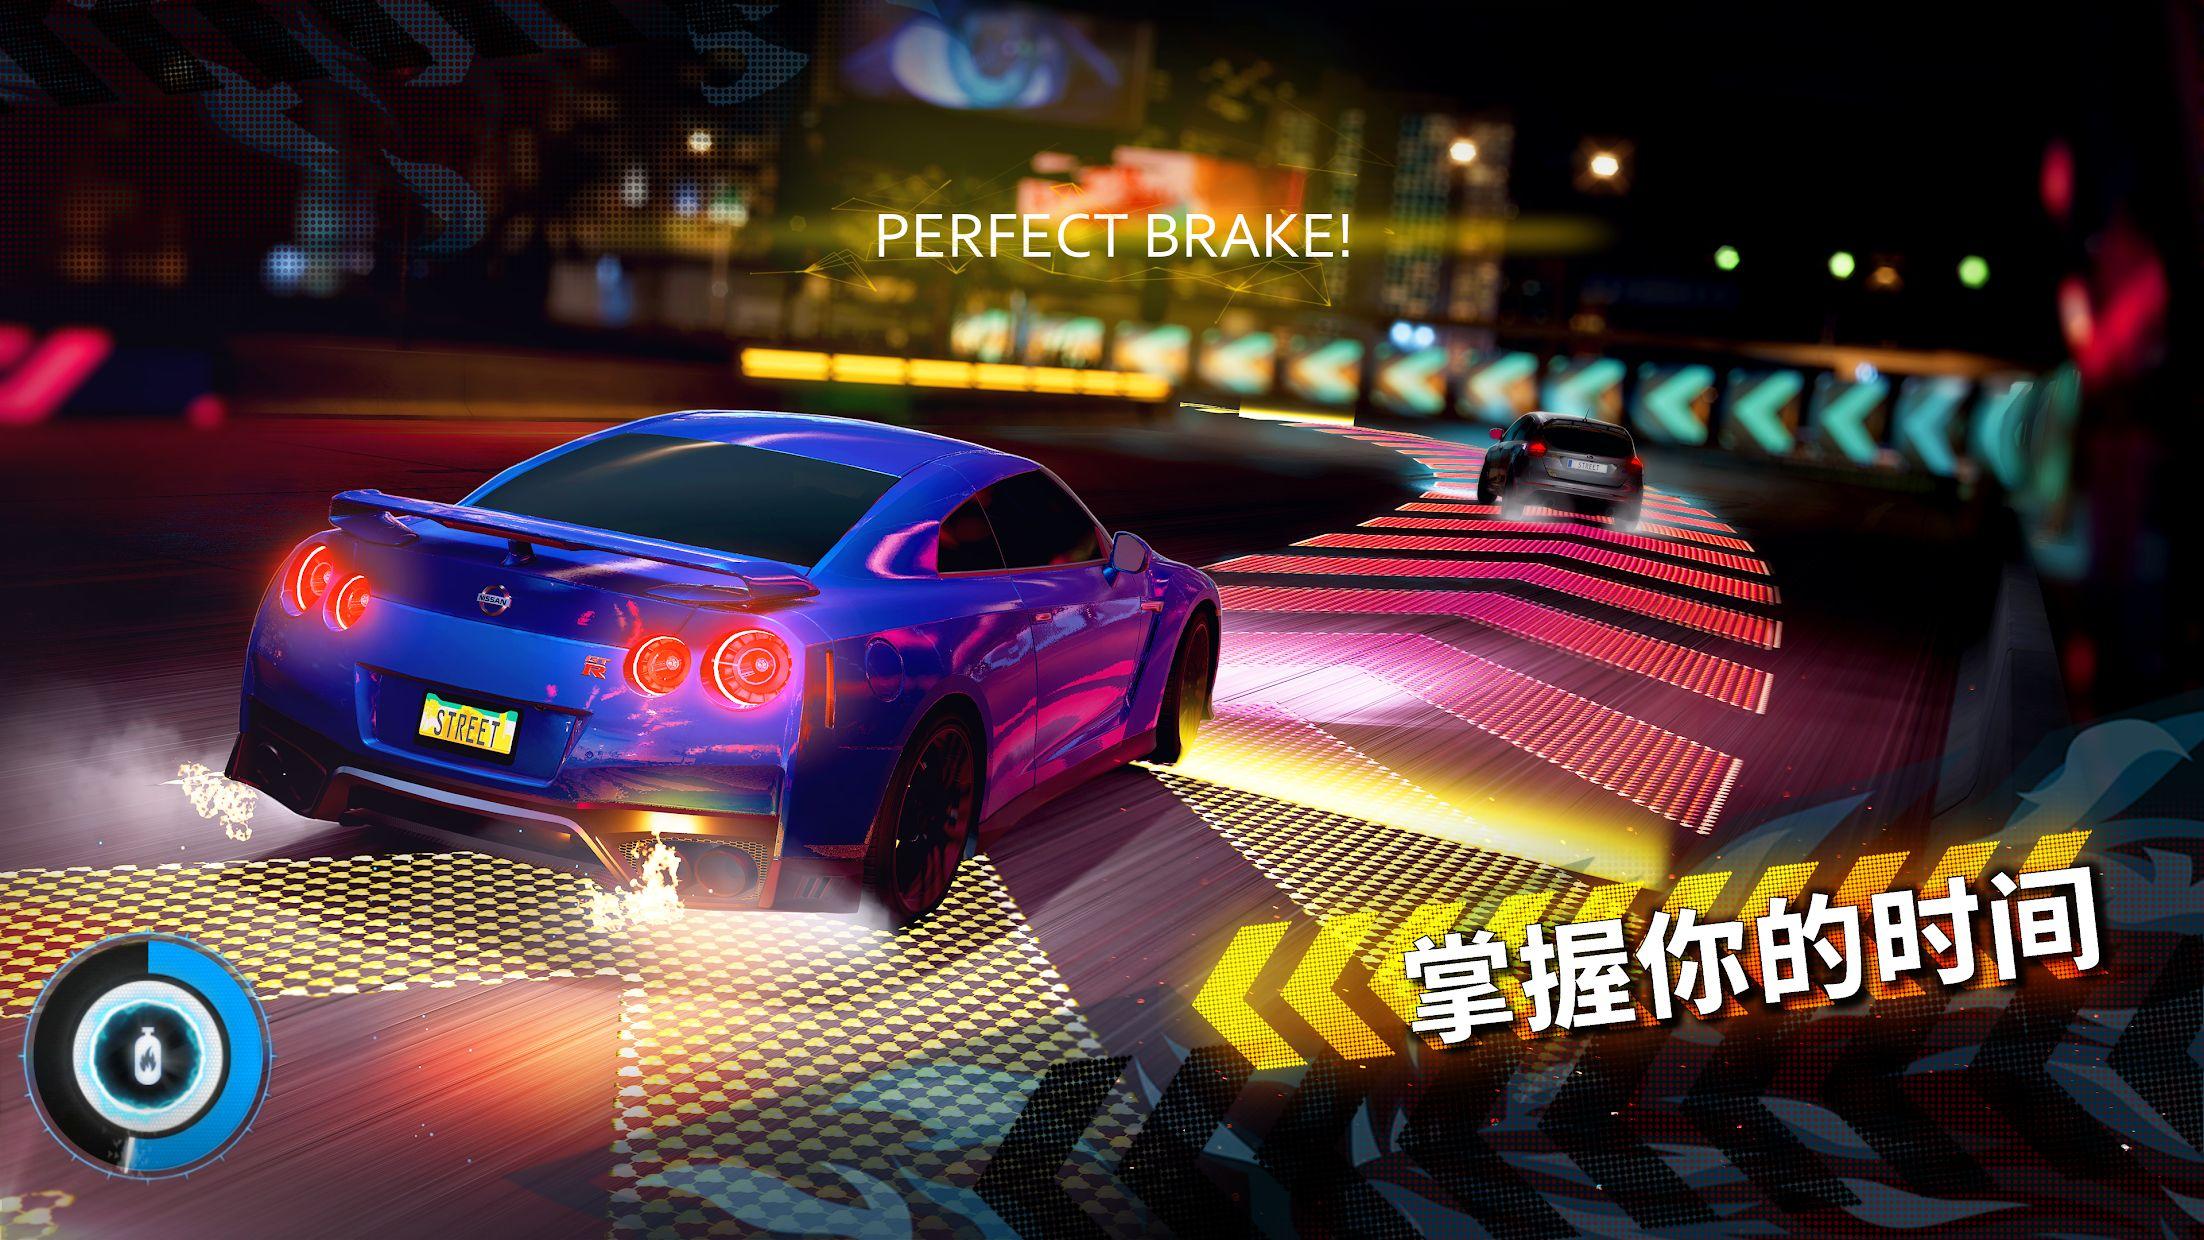 极限竞速:街头传奇(Forza Street) 游戏截图4